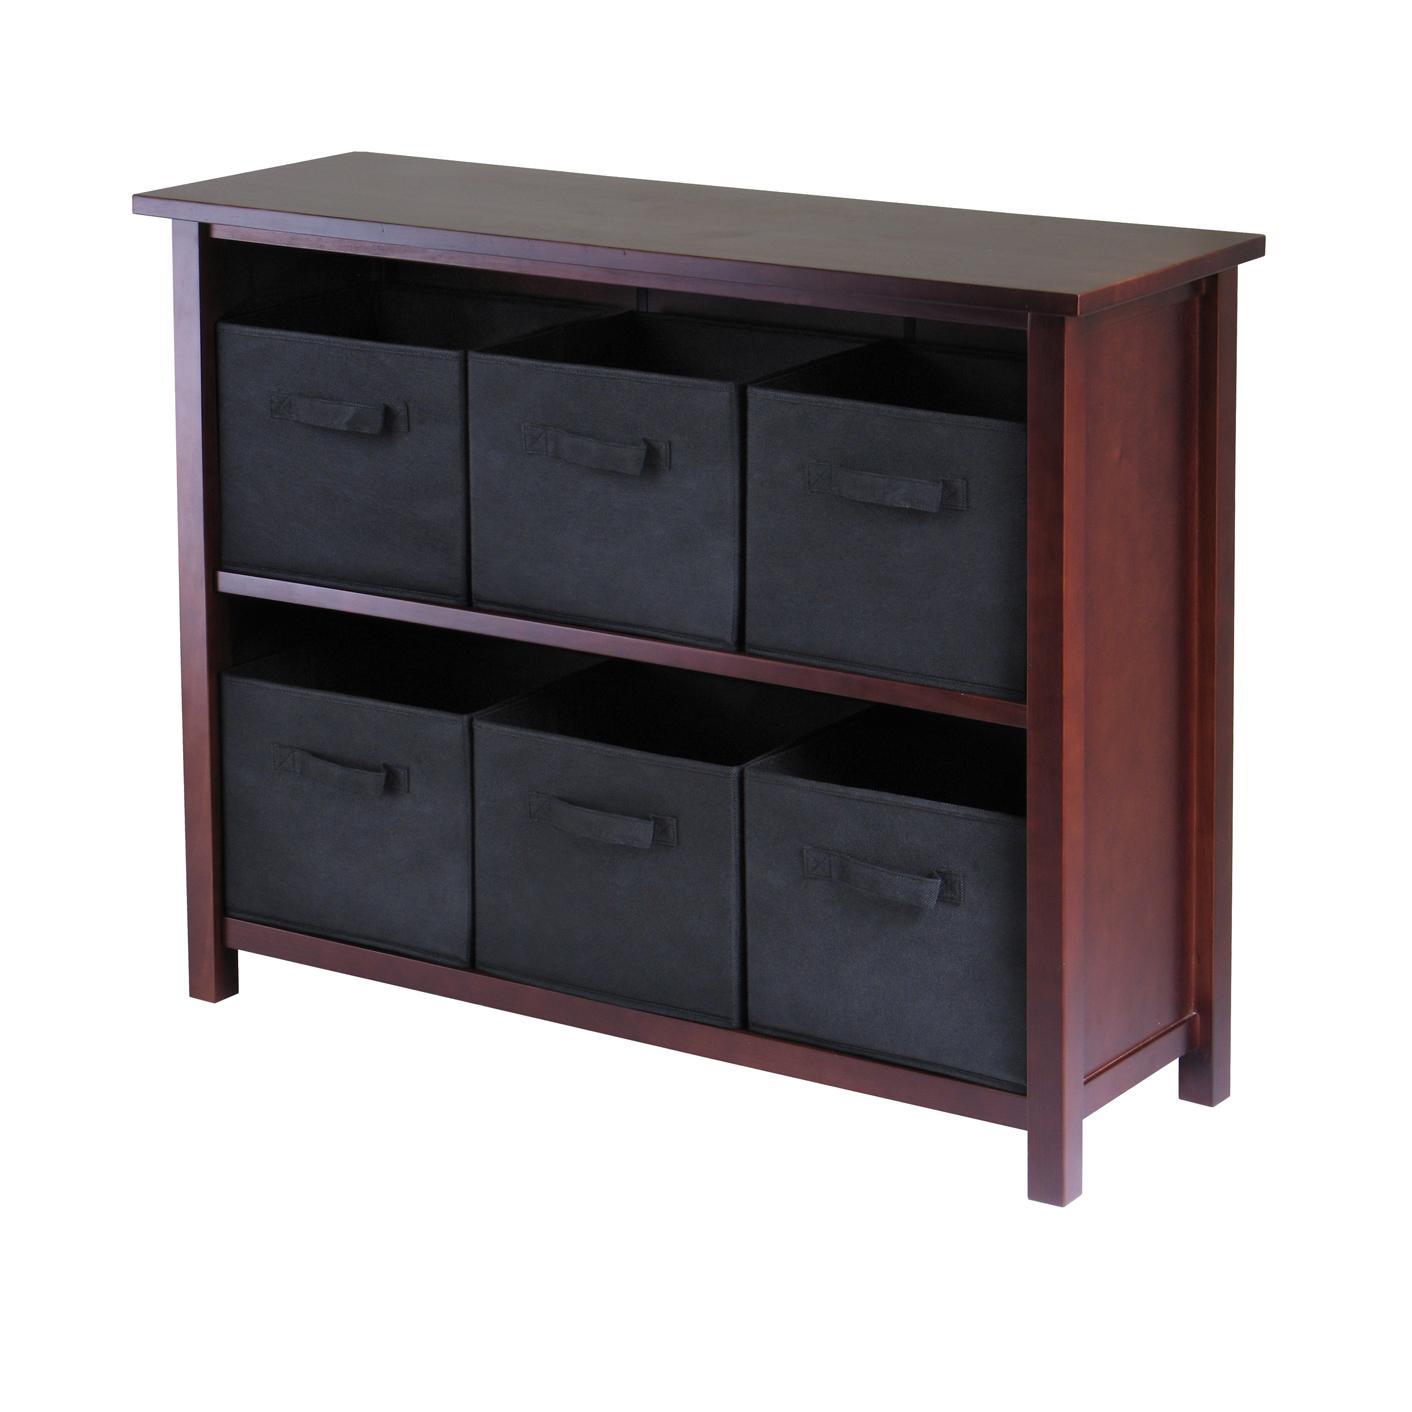 Kitchen Cabinet Storage Baskets   W X   D